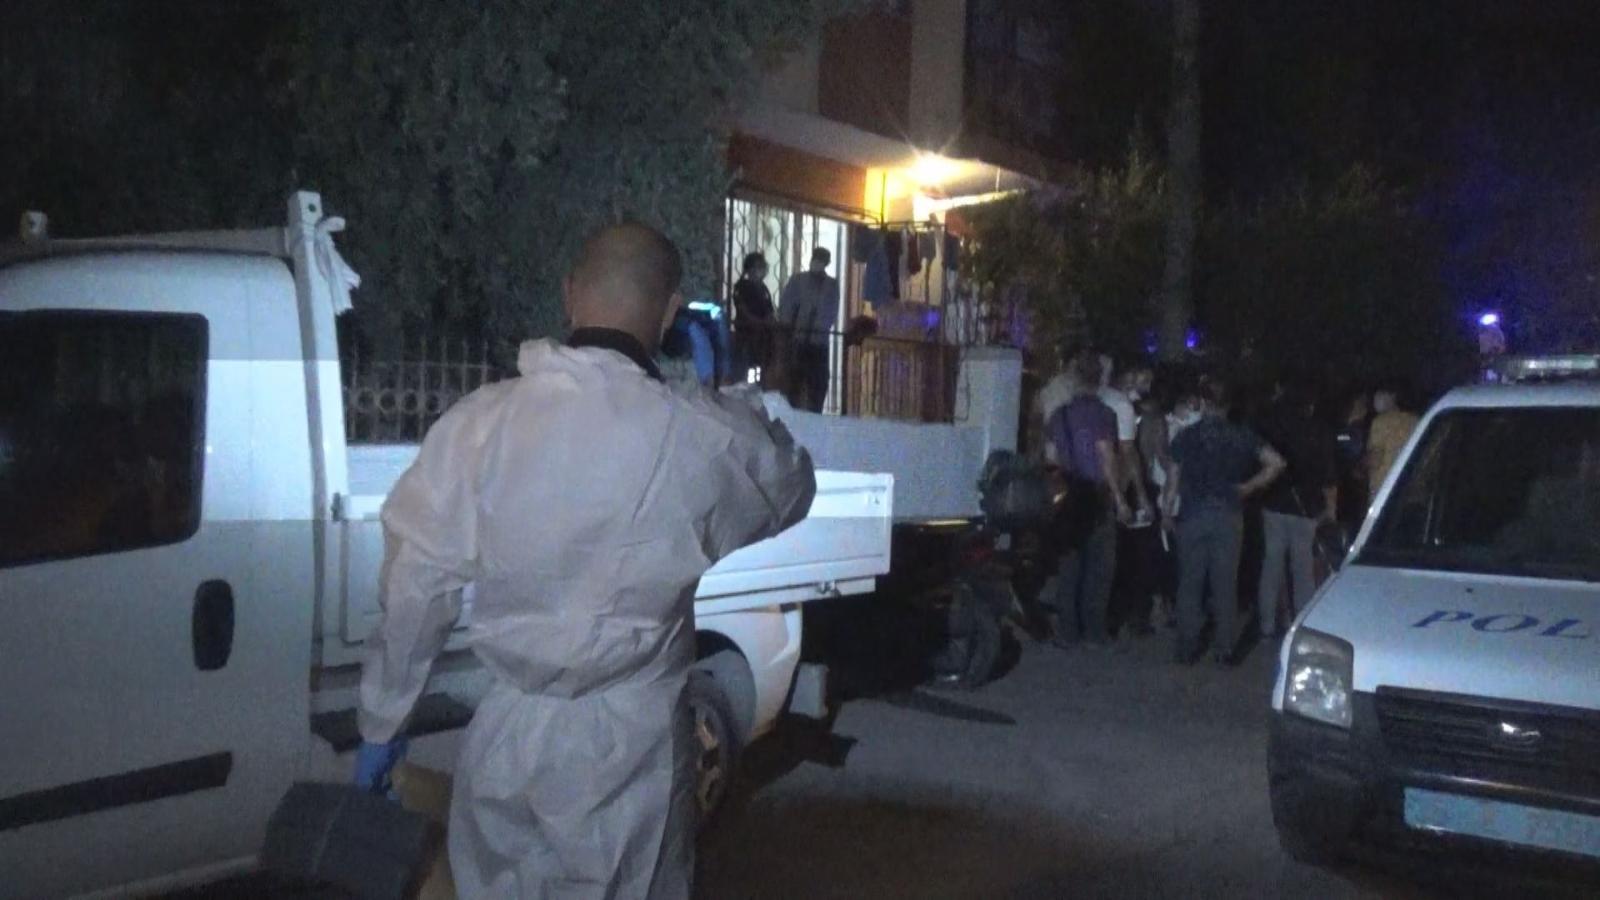 Öldürdüğü Annesini Çuvala Koyup Balkonda Saklayan Şüpheli Tutuklandı